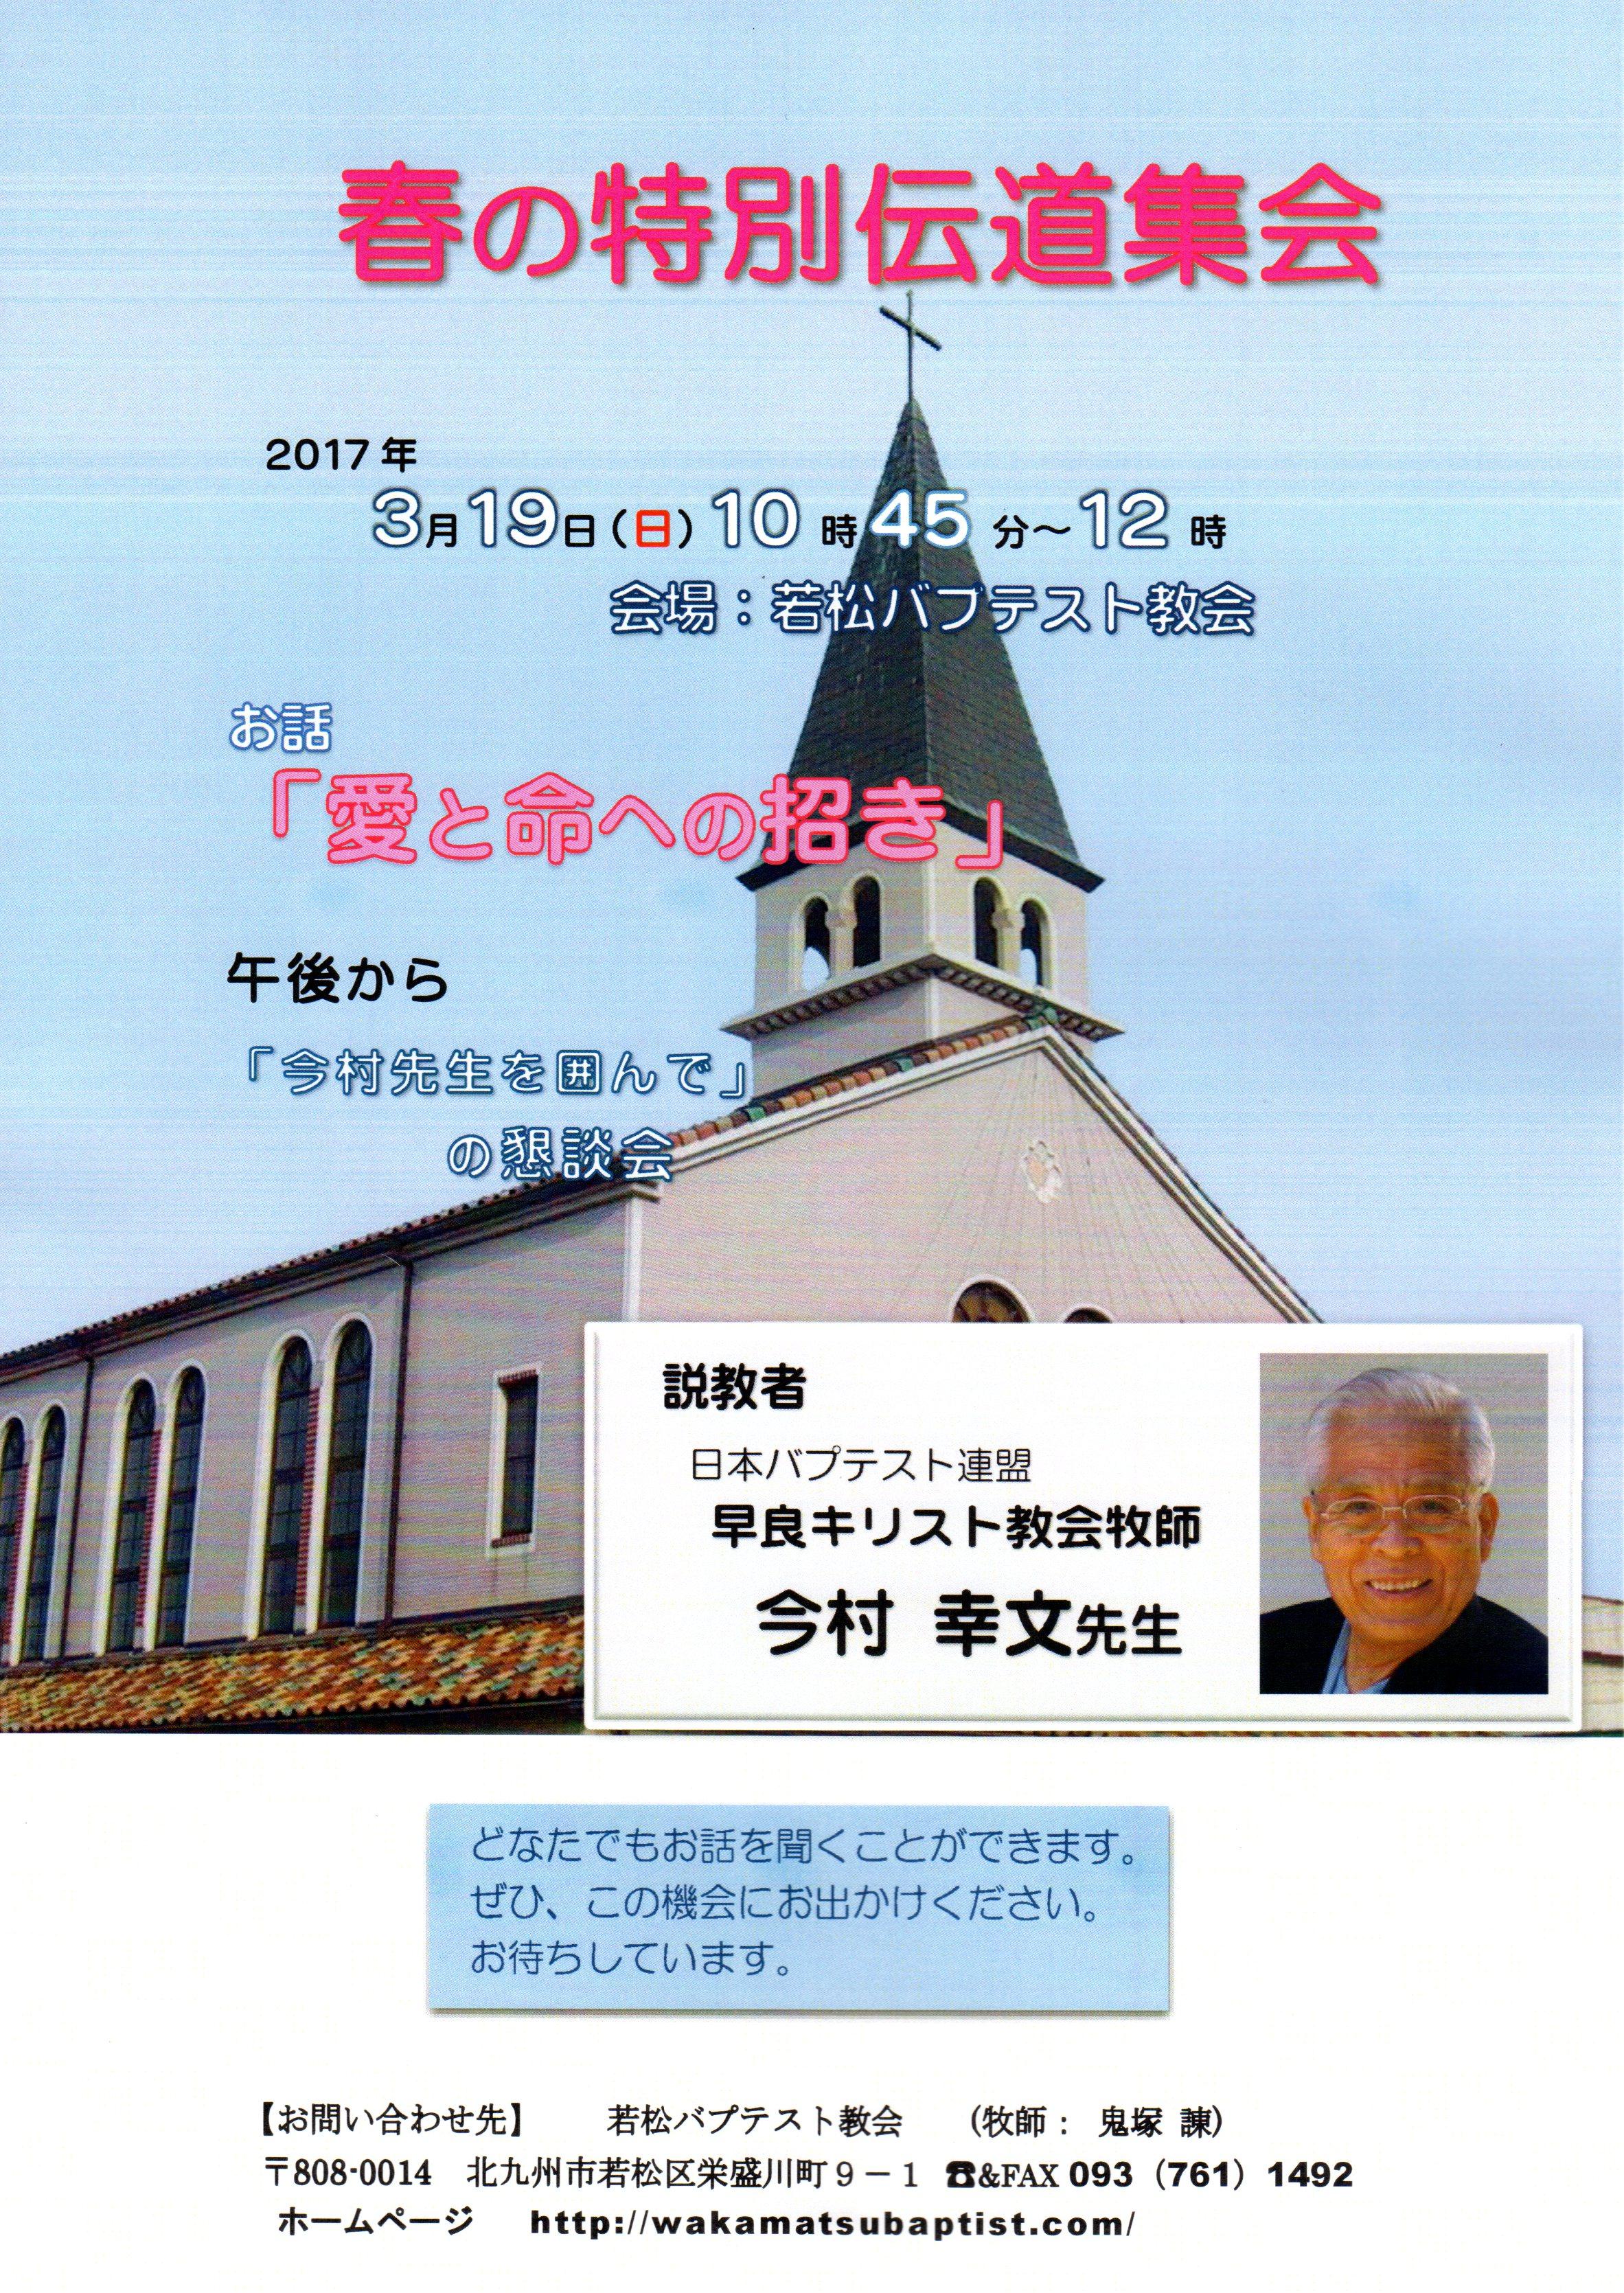 3月19日(日)の特別伝道集会のお知らせのイメージ